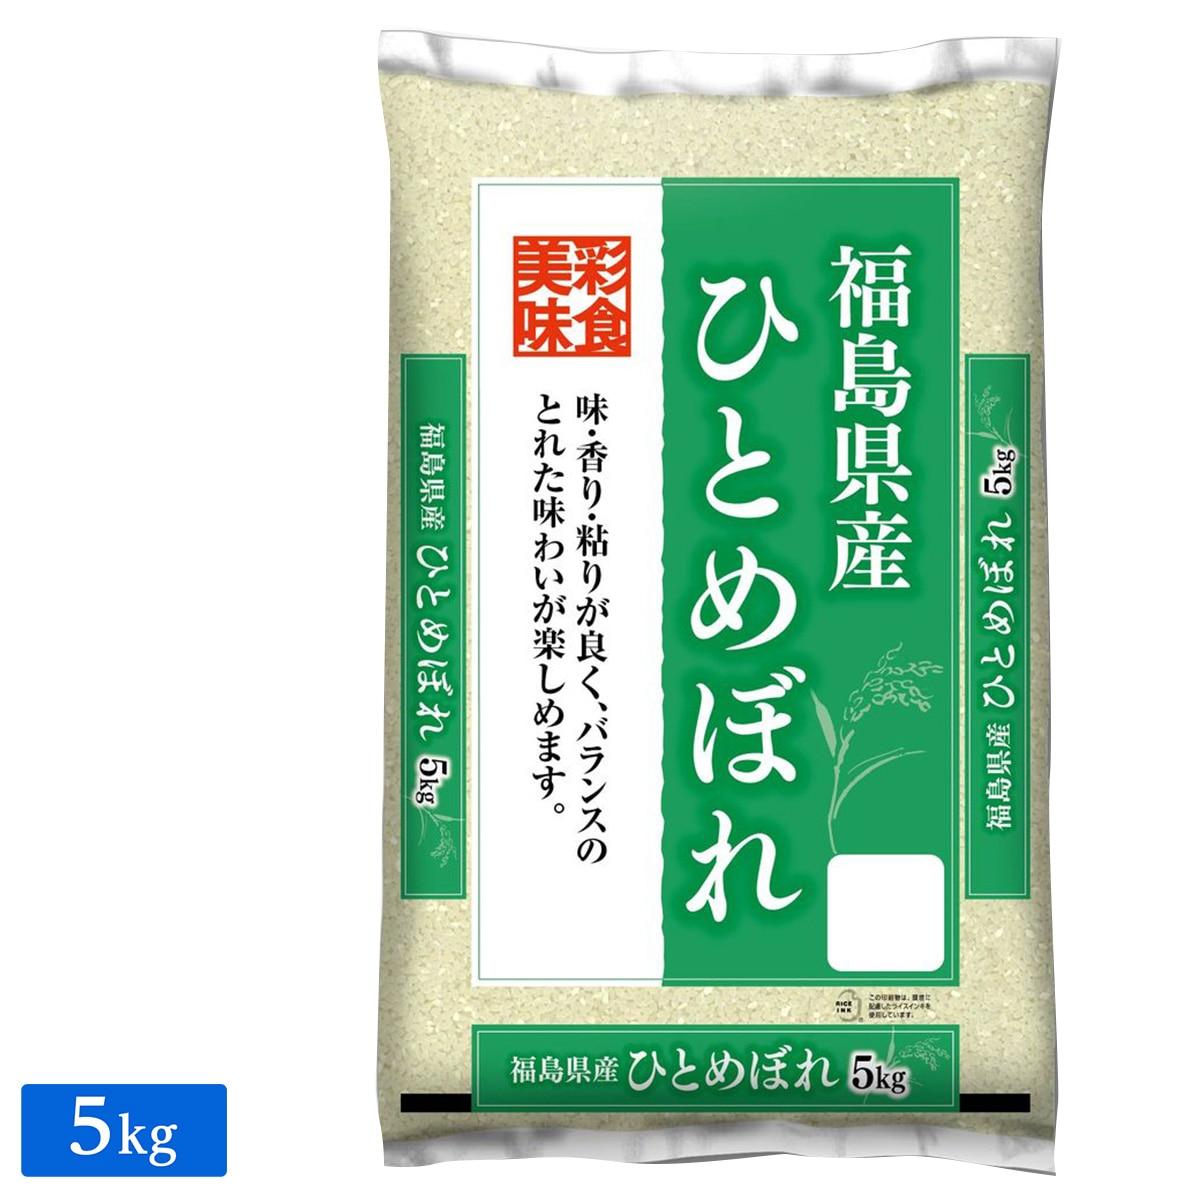 むらせライス ■【精米】【新米】令和元年産 福島ひとめぼれ 5kg 21962